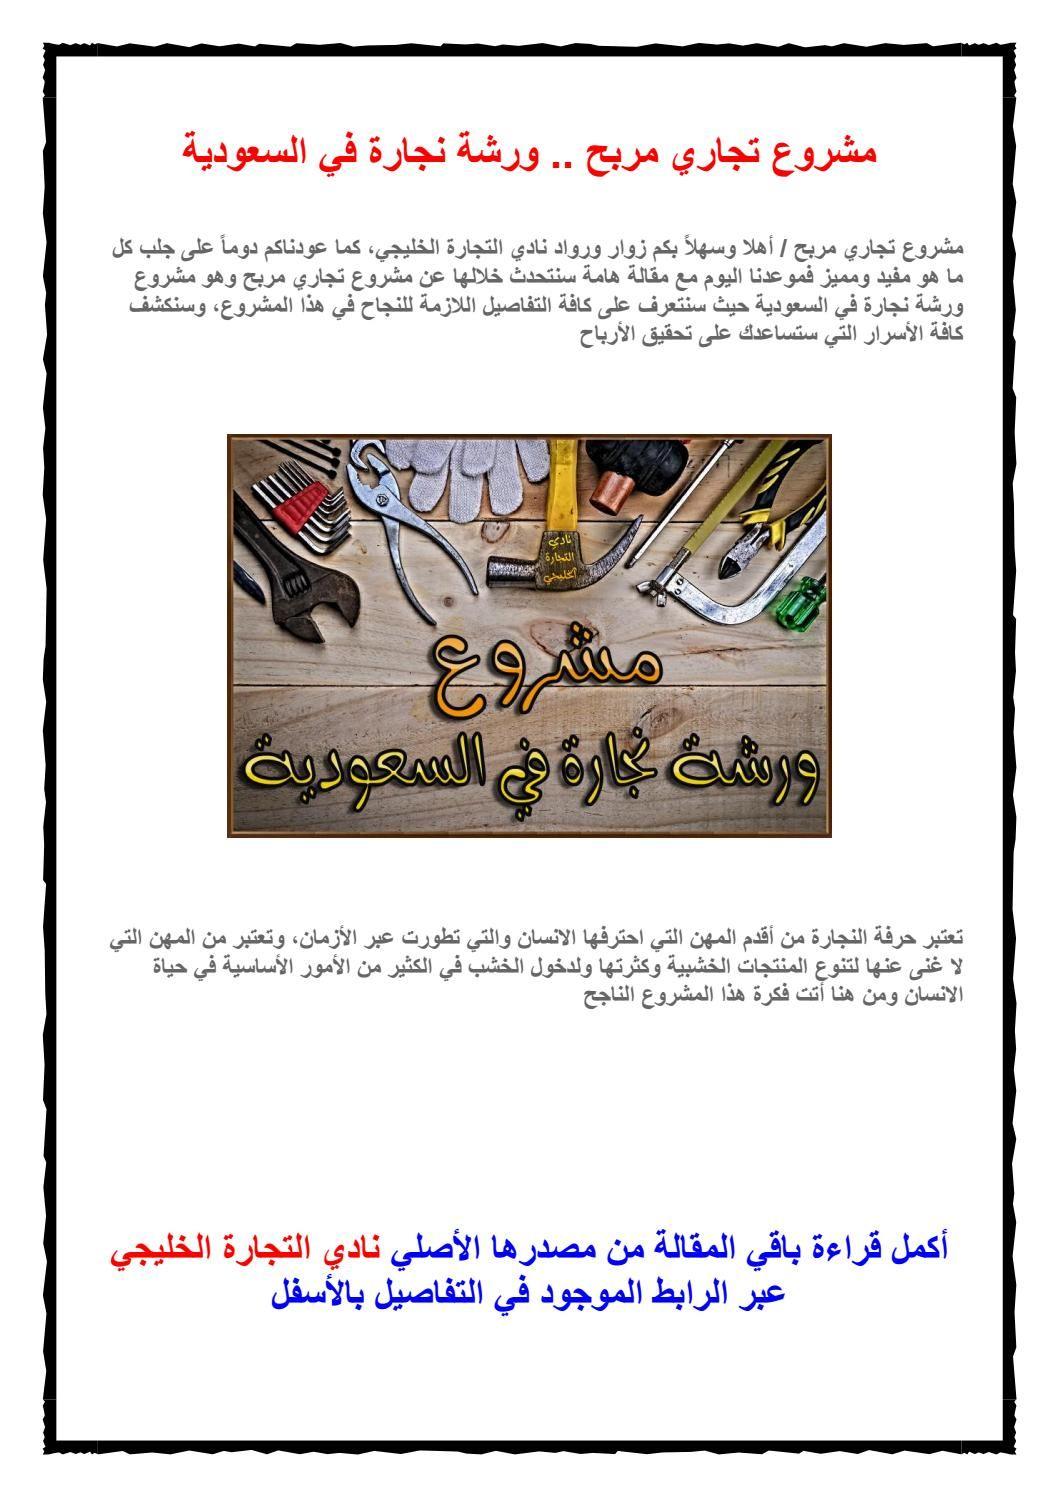 مشروع تجاري مربح ورشة نجارة في السعودية